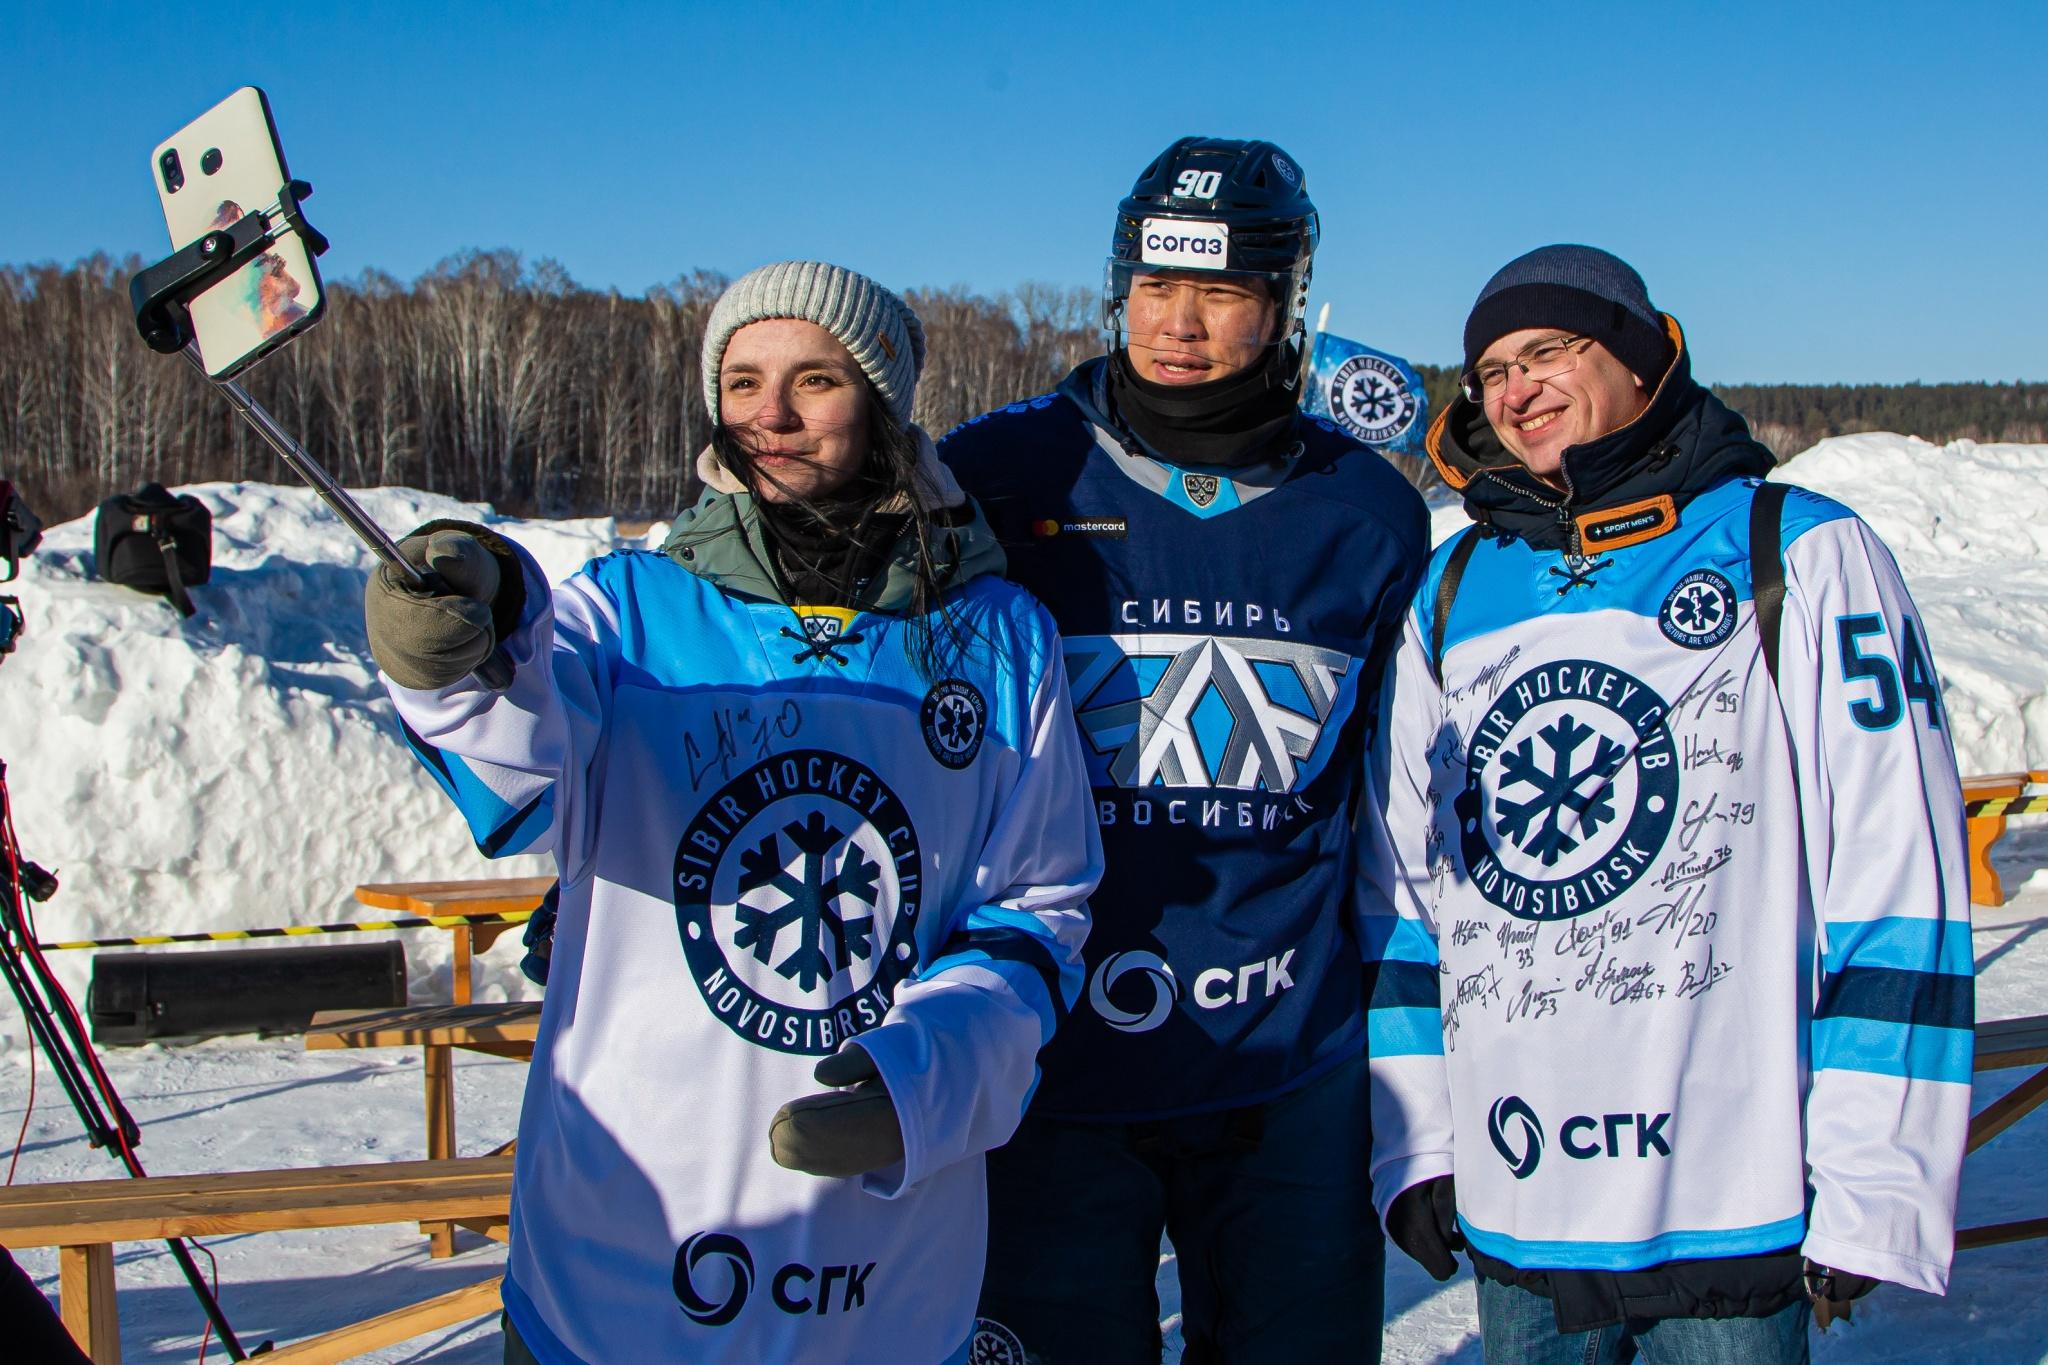 01_20210312_SIBIR_KHL_36.jpg